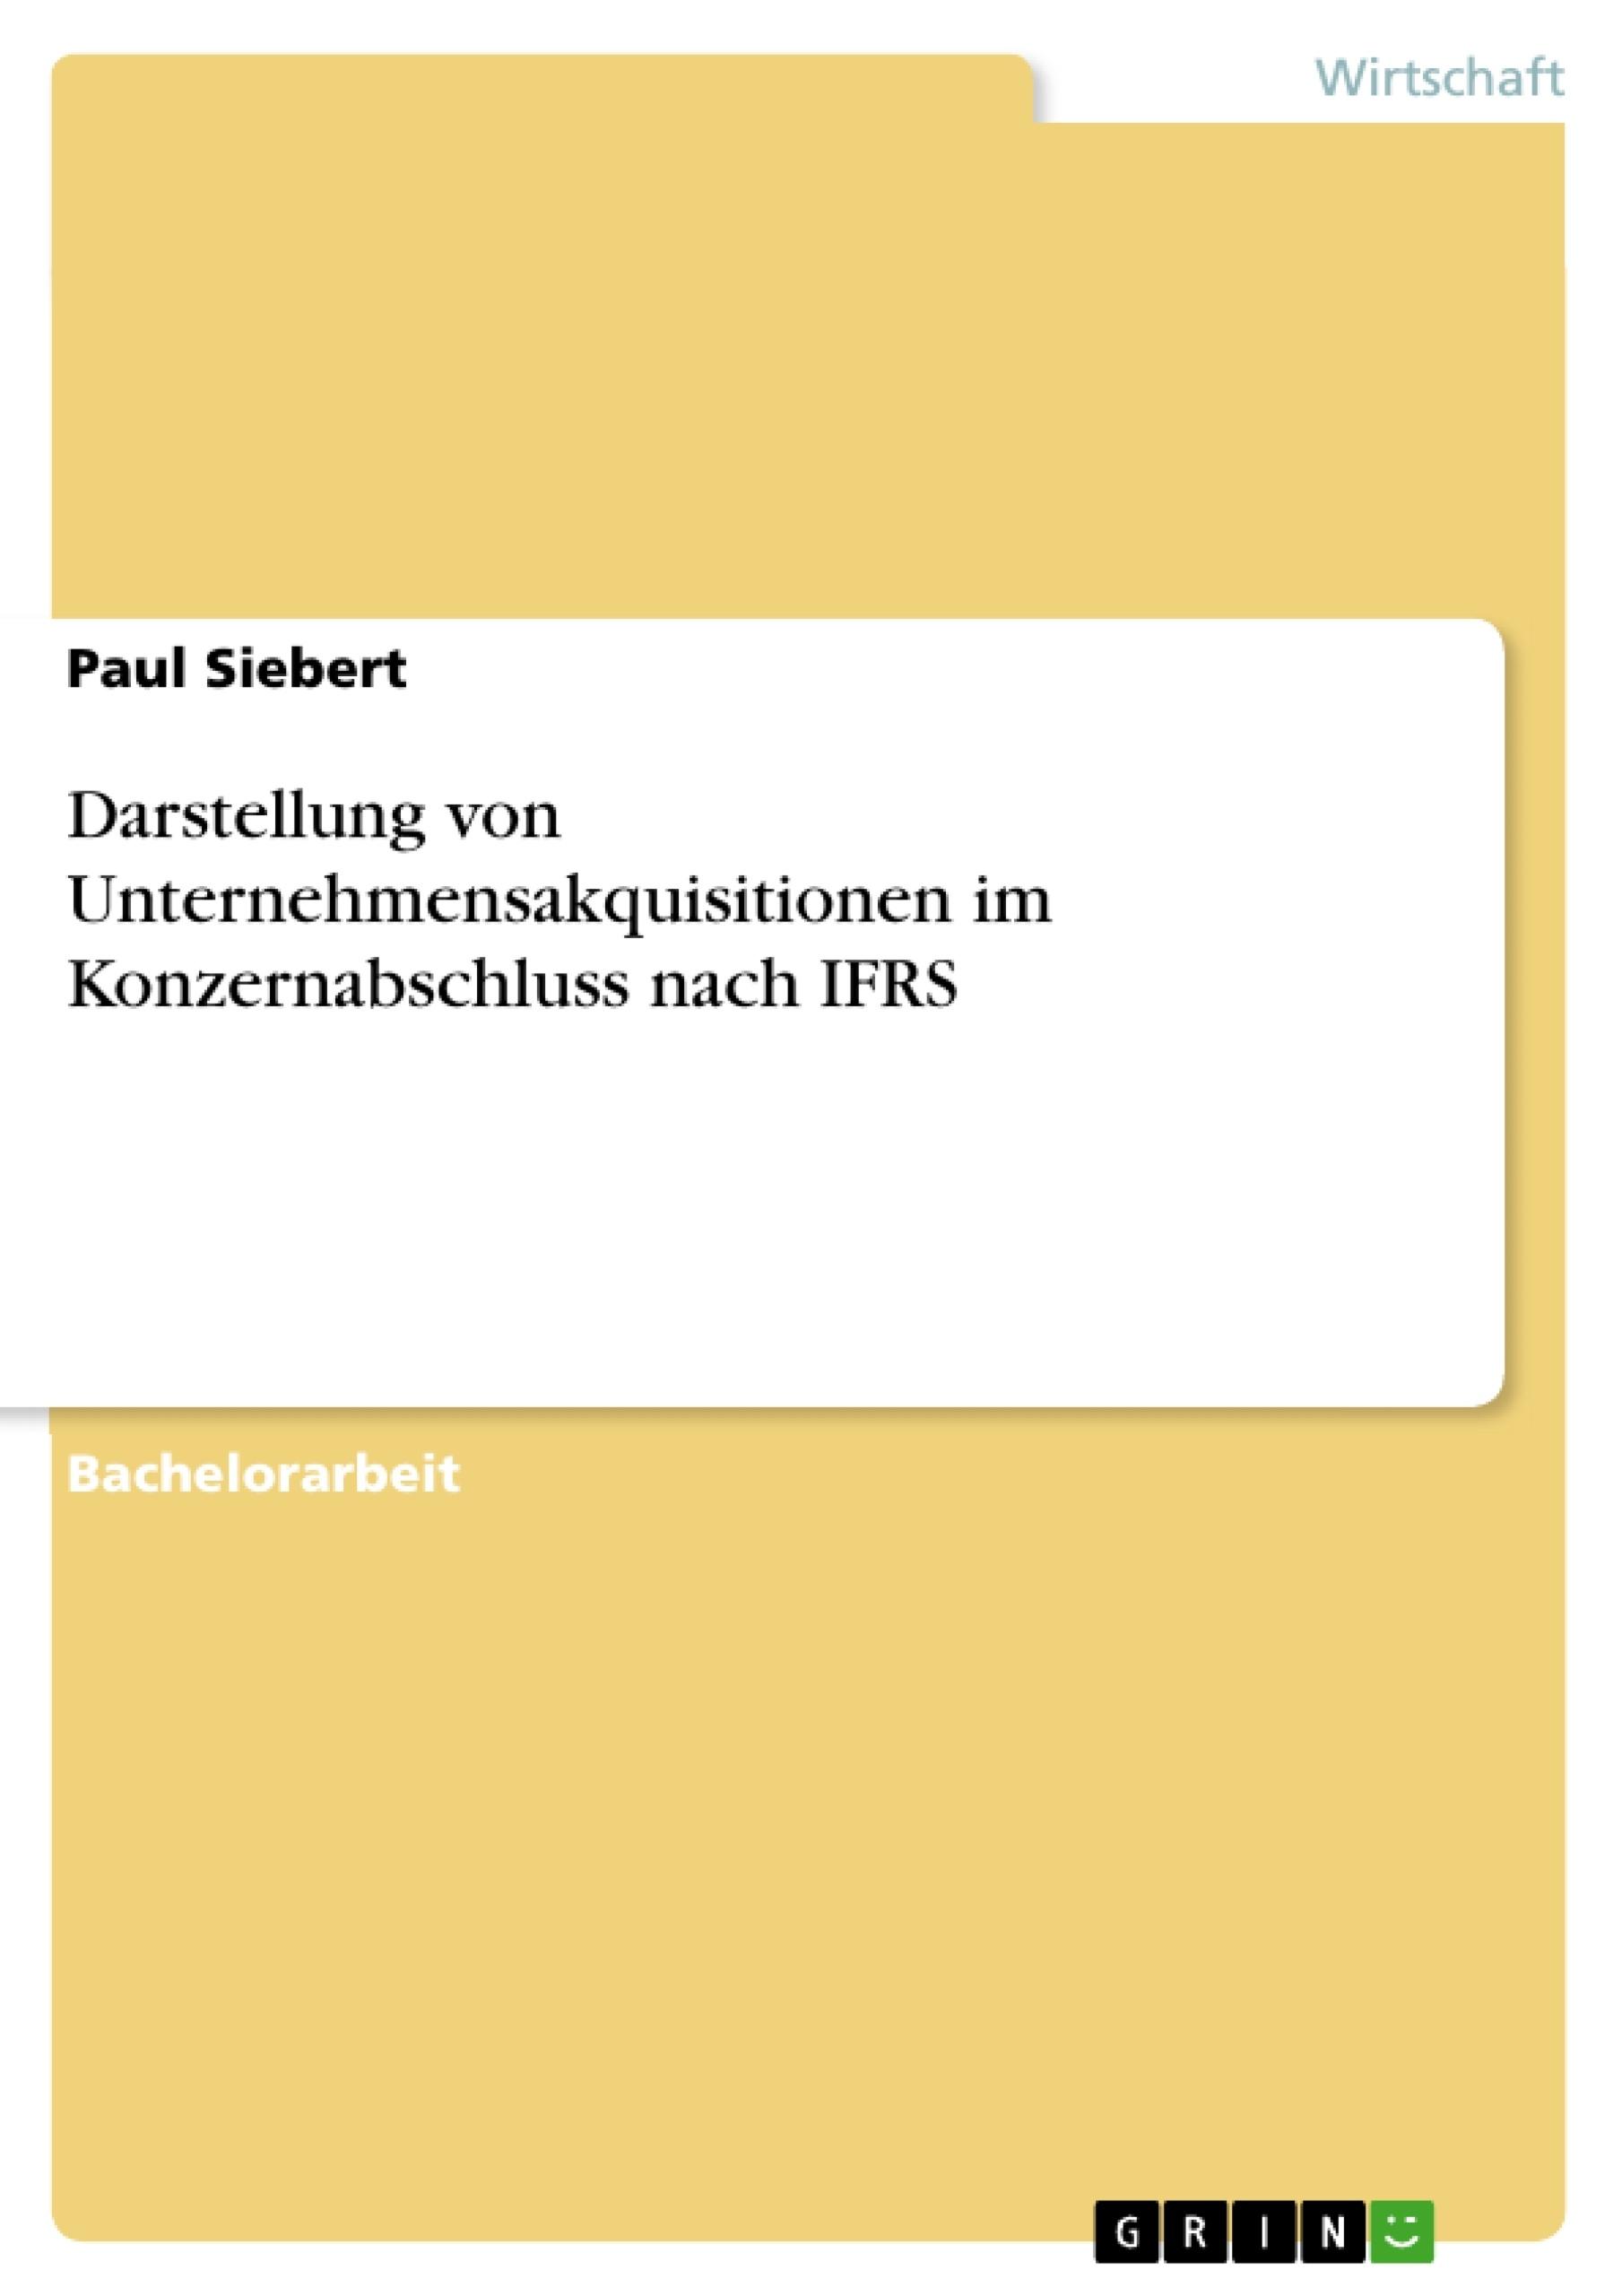 Titel: Darstellung von Unternehmensakquisitionen im Konzernabschluss nach IFRS